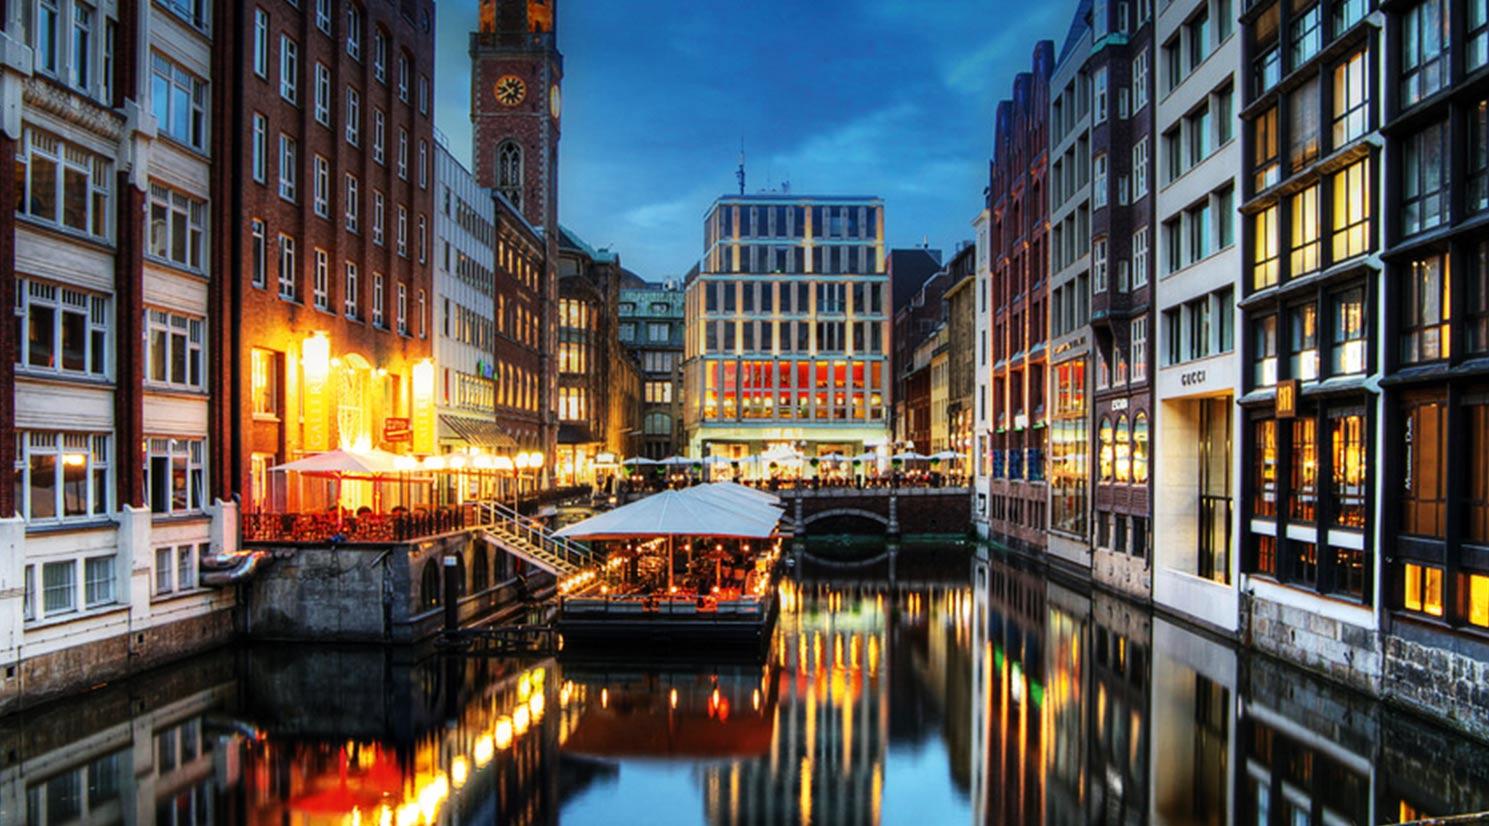 GALLERIA Ponton der GALLERIA Passage Hamburg Aussenansicht nachts.